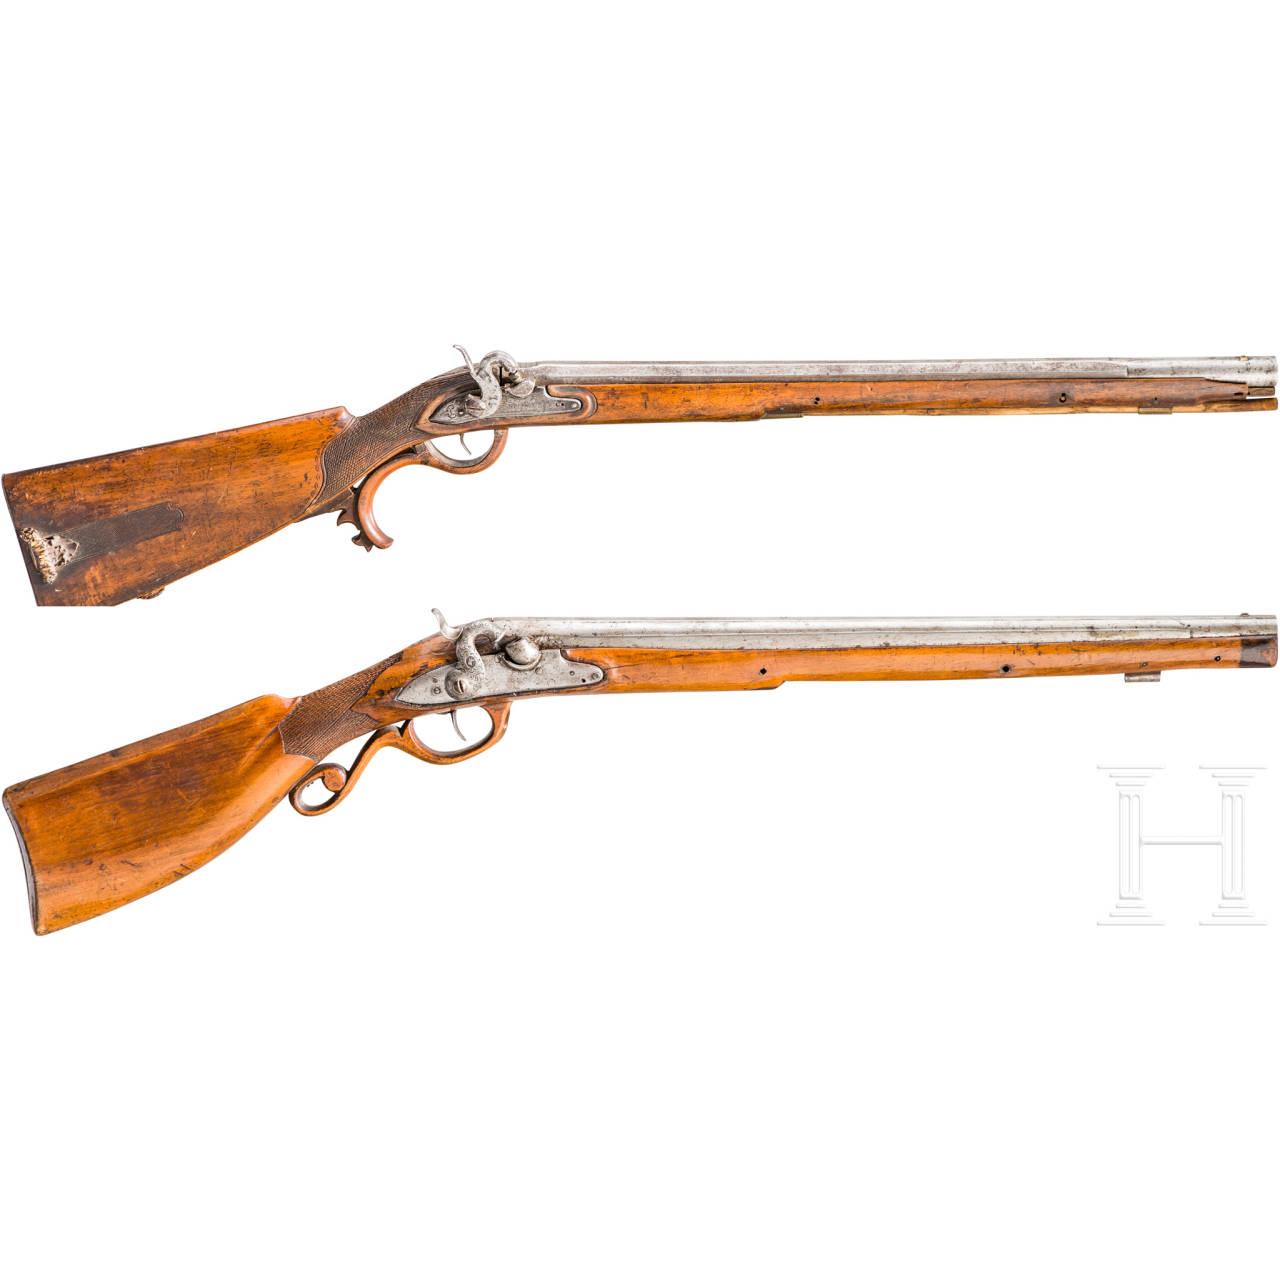 Zwei Perkussionsflinten, süddeutsch, um 1780